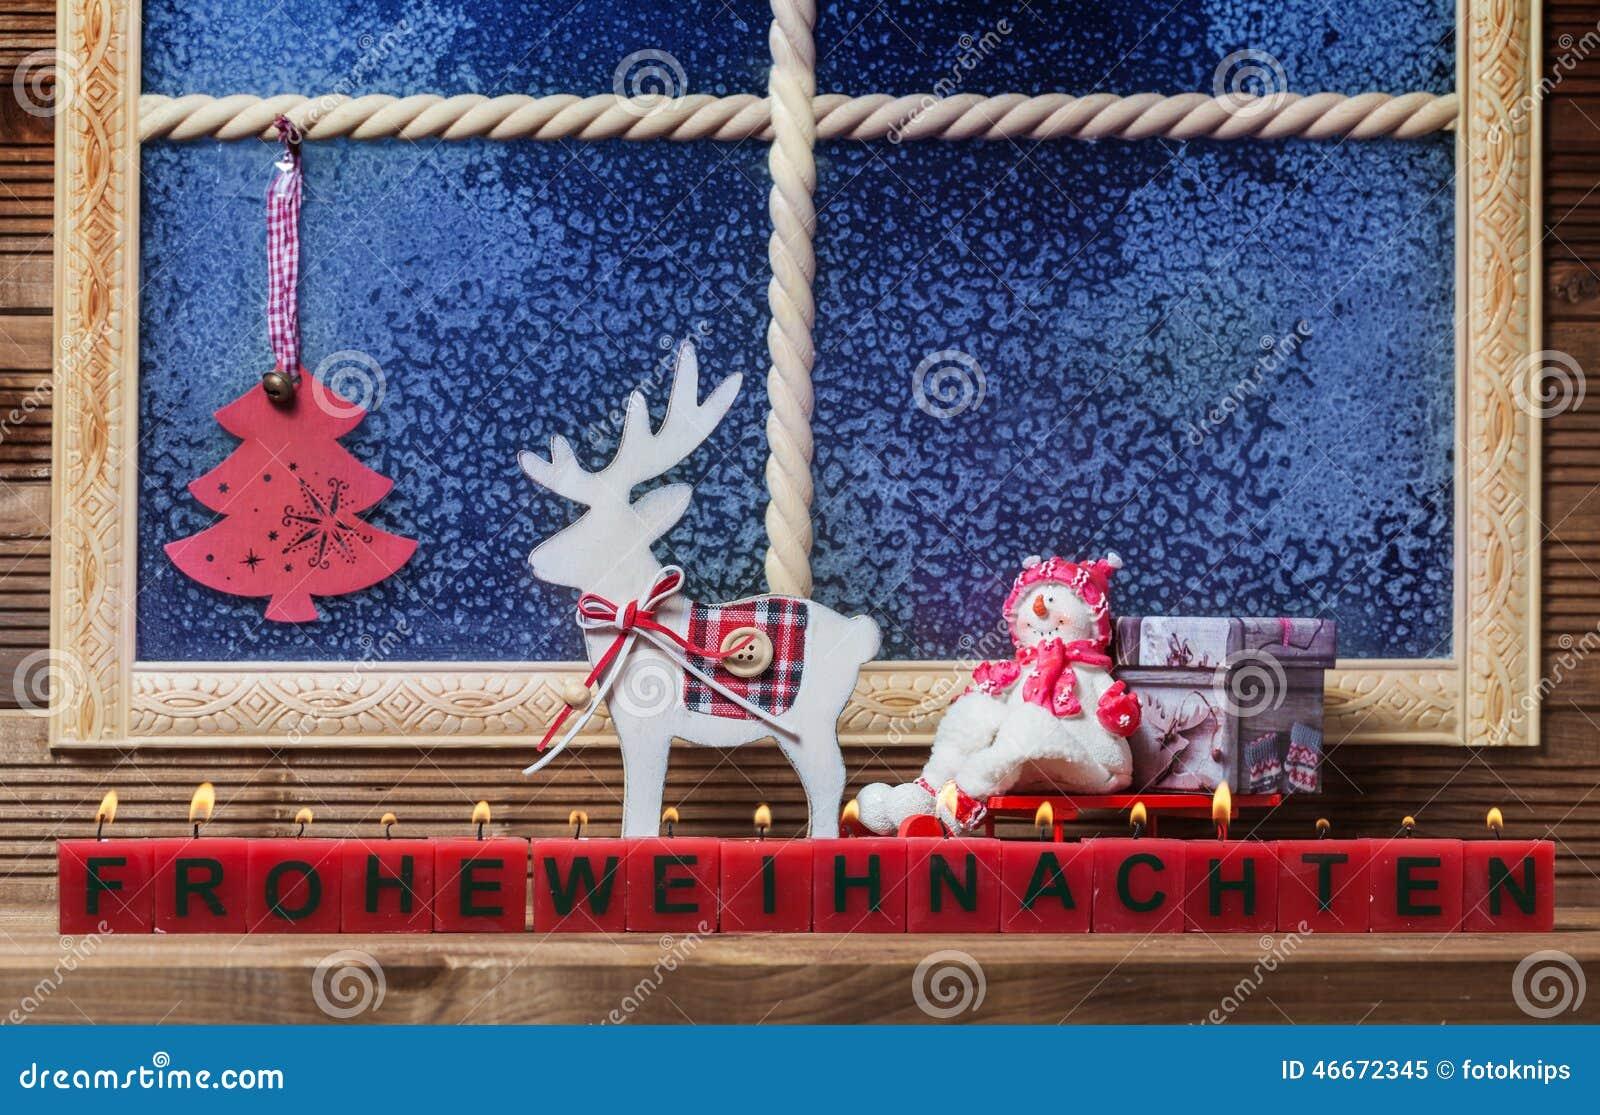 vrolijke kerstmis vensterdecoratie stock foto